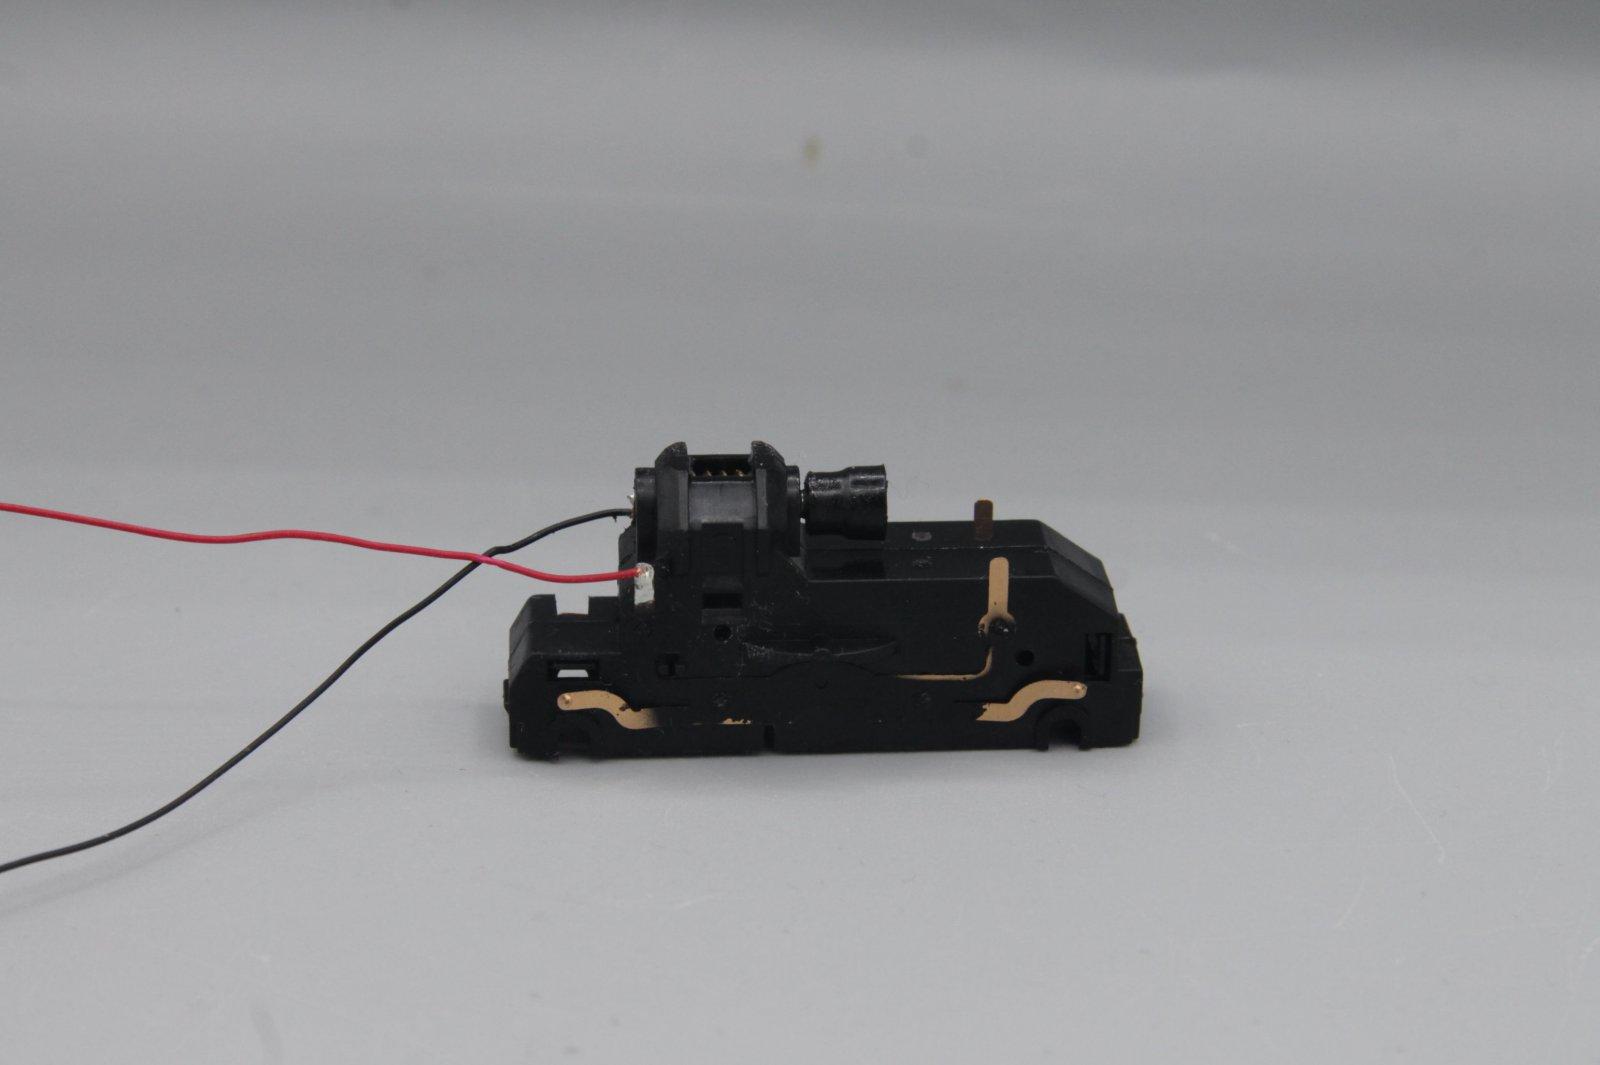 Ersatzteil Piko H0 118.5 Getriebe mit Zahnrädern und Kardanantrieb